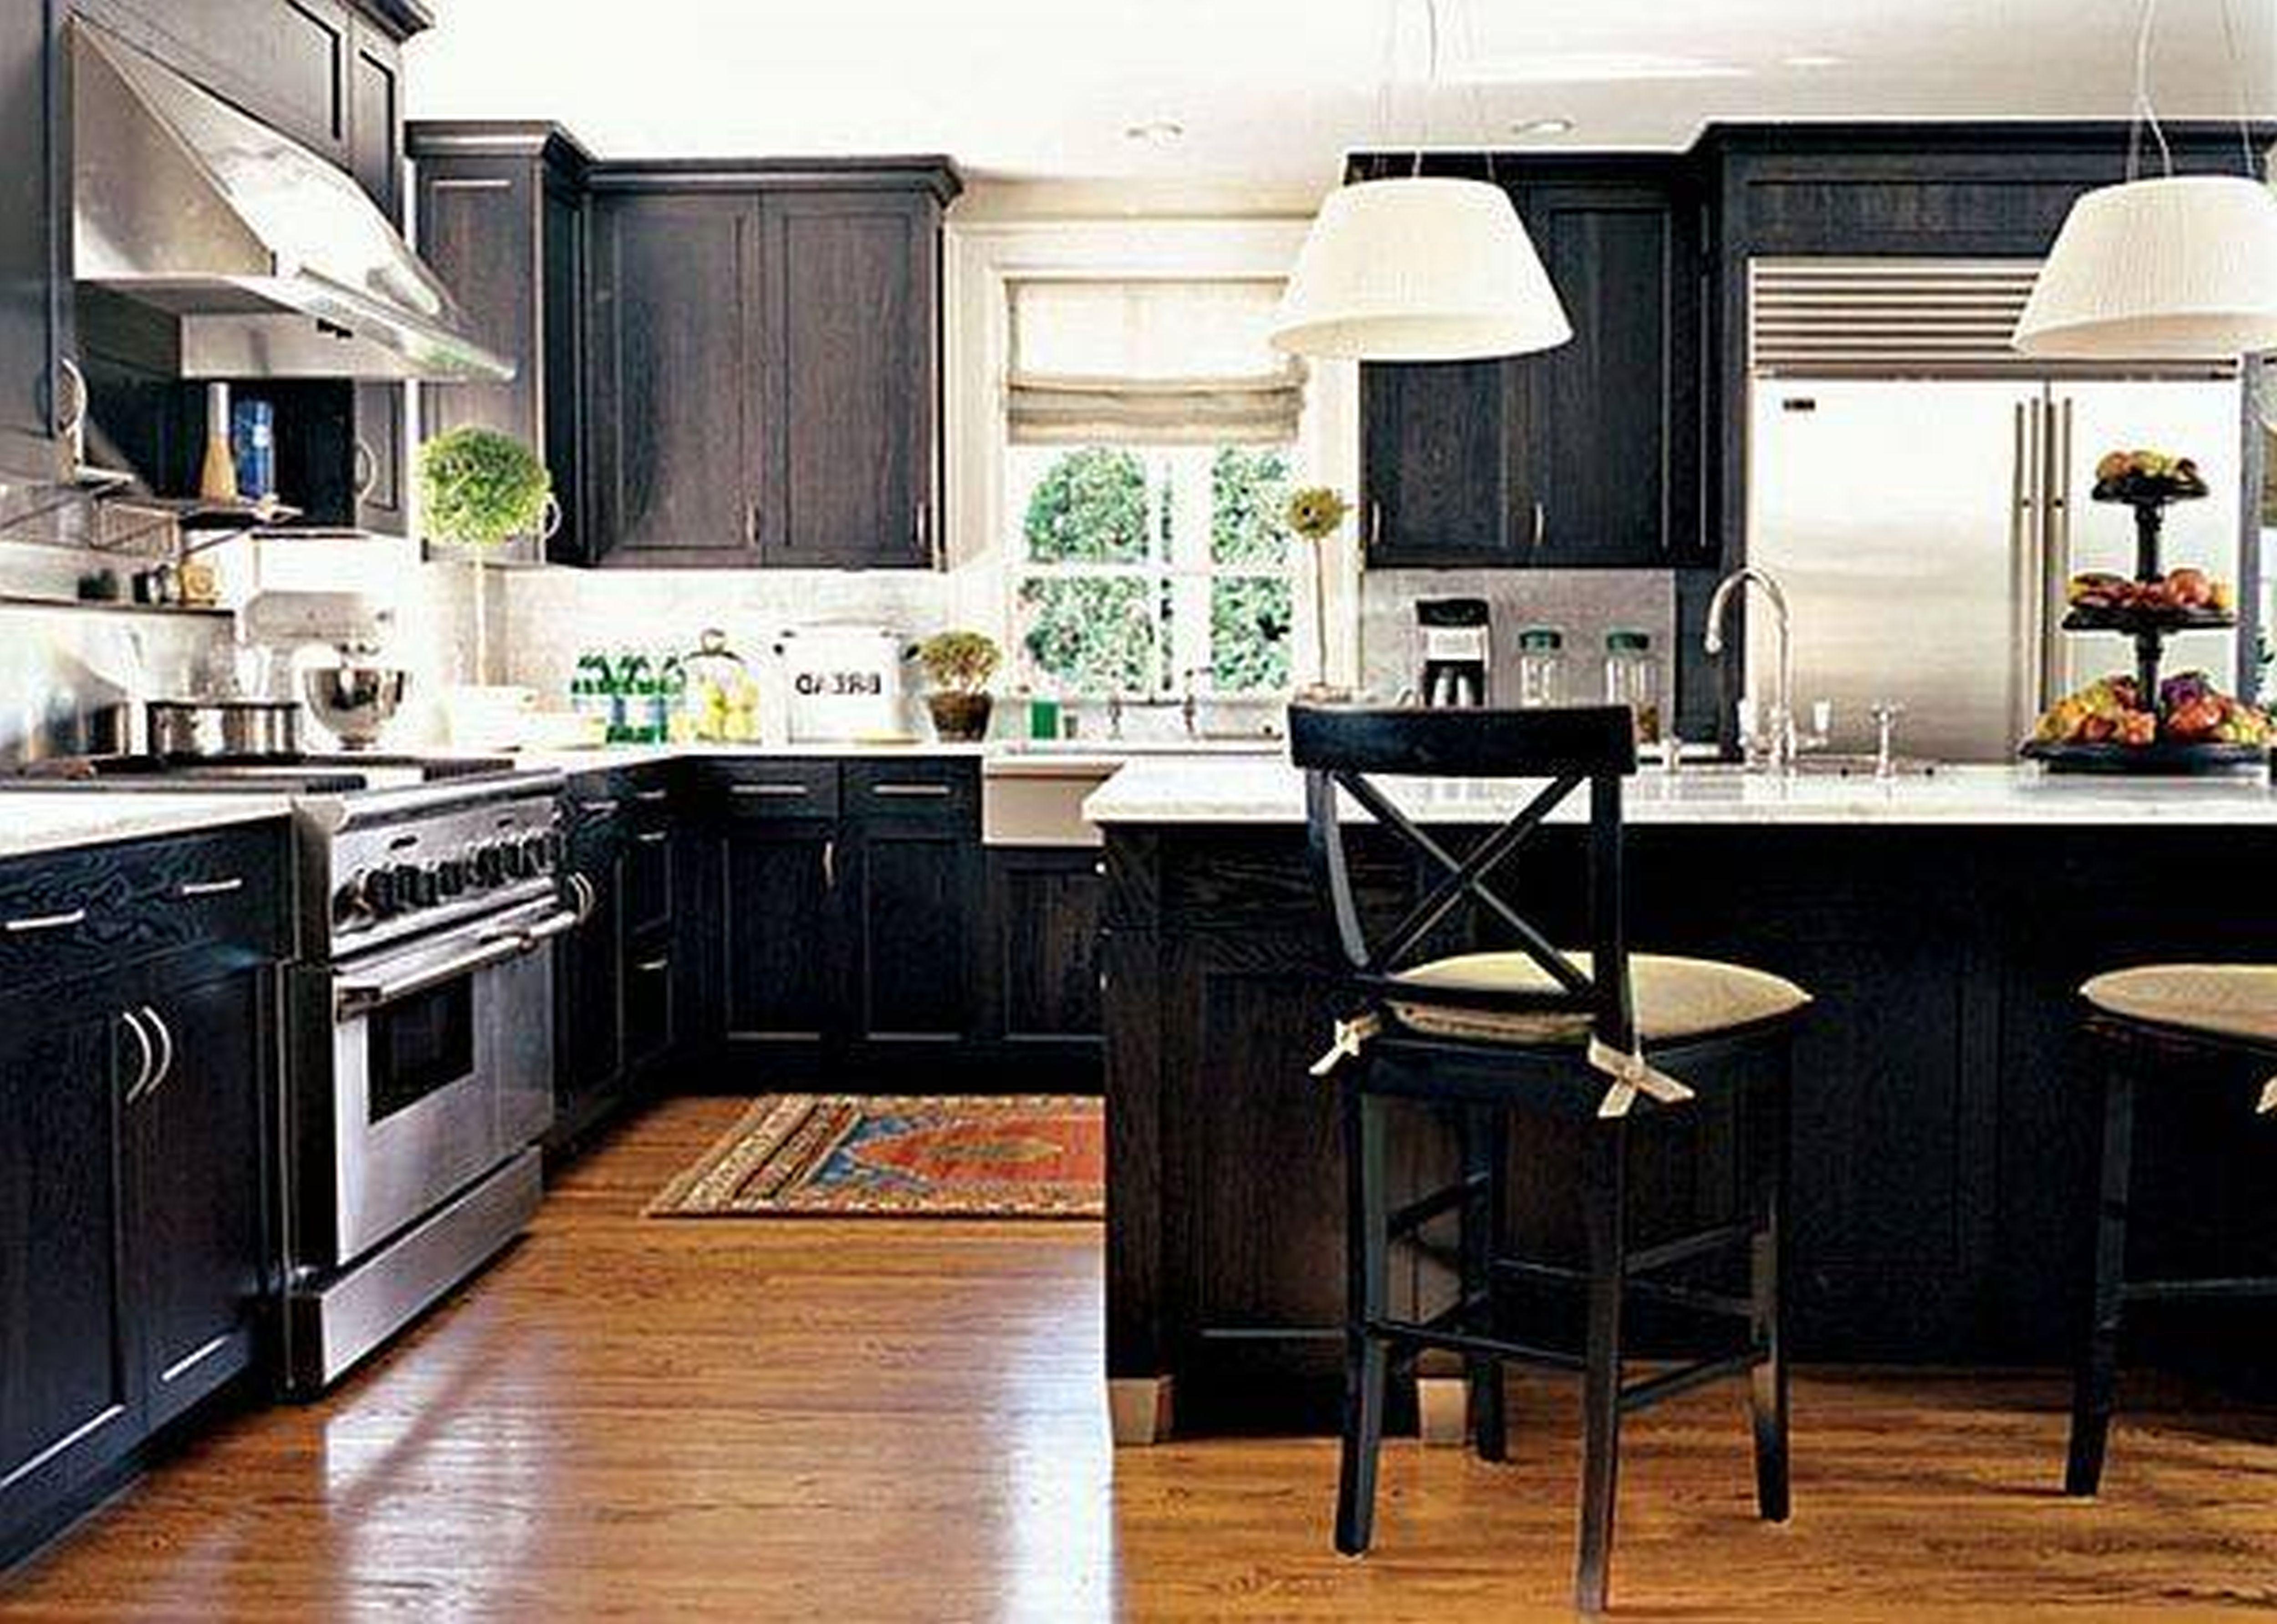 Kchen Marvy Black Kchen Cabinets Designs Arrangement And. Black White And Blue Kitchen Ideas. Tone Black Cherry Finish Modern Fascinating Solid Brass Finish. Light Blue Kitchen and Black and White Floor Patern Checkerboard